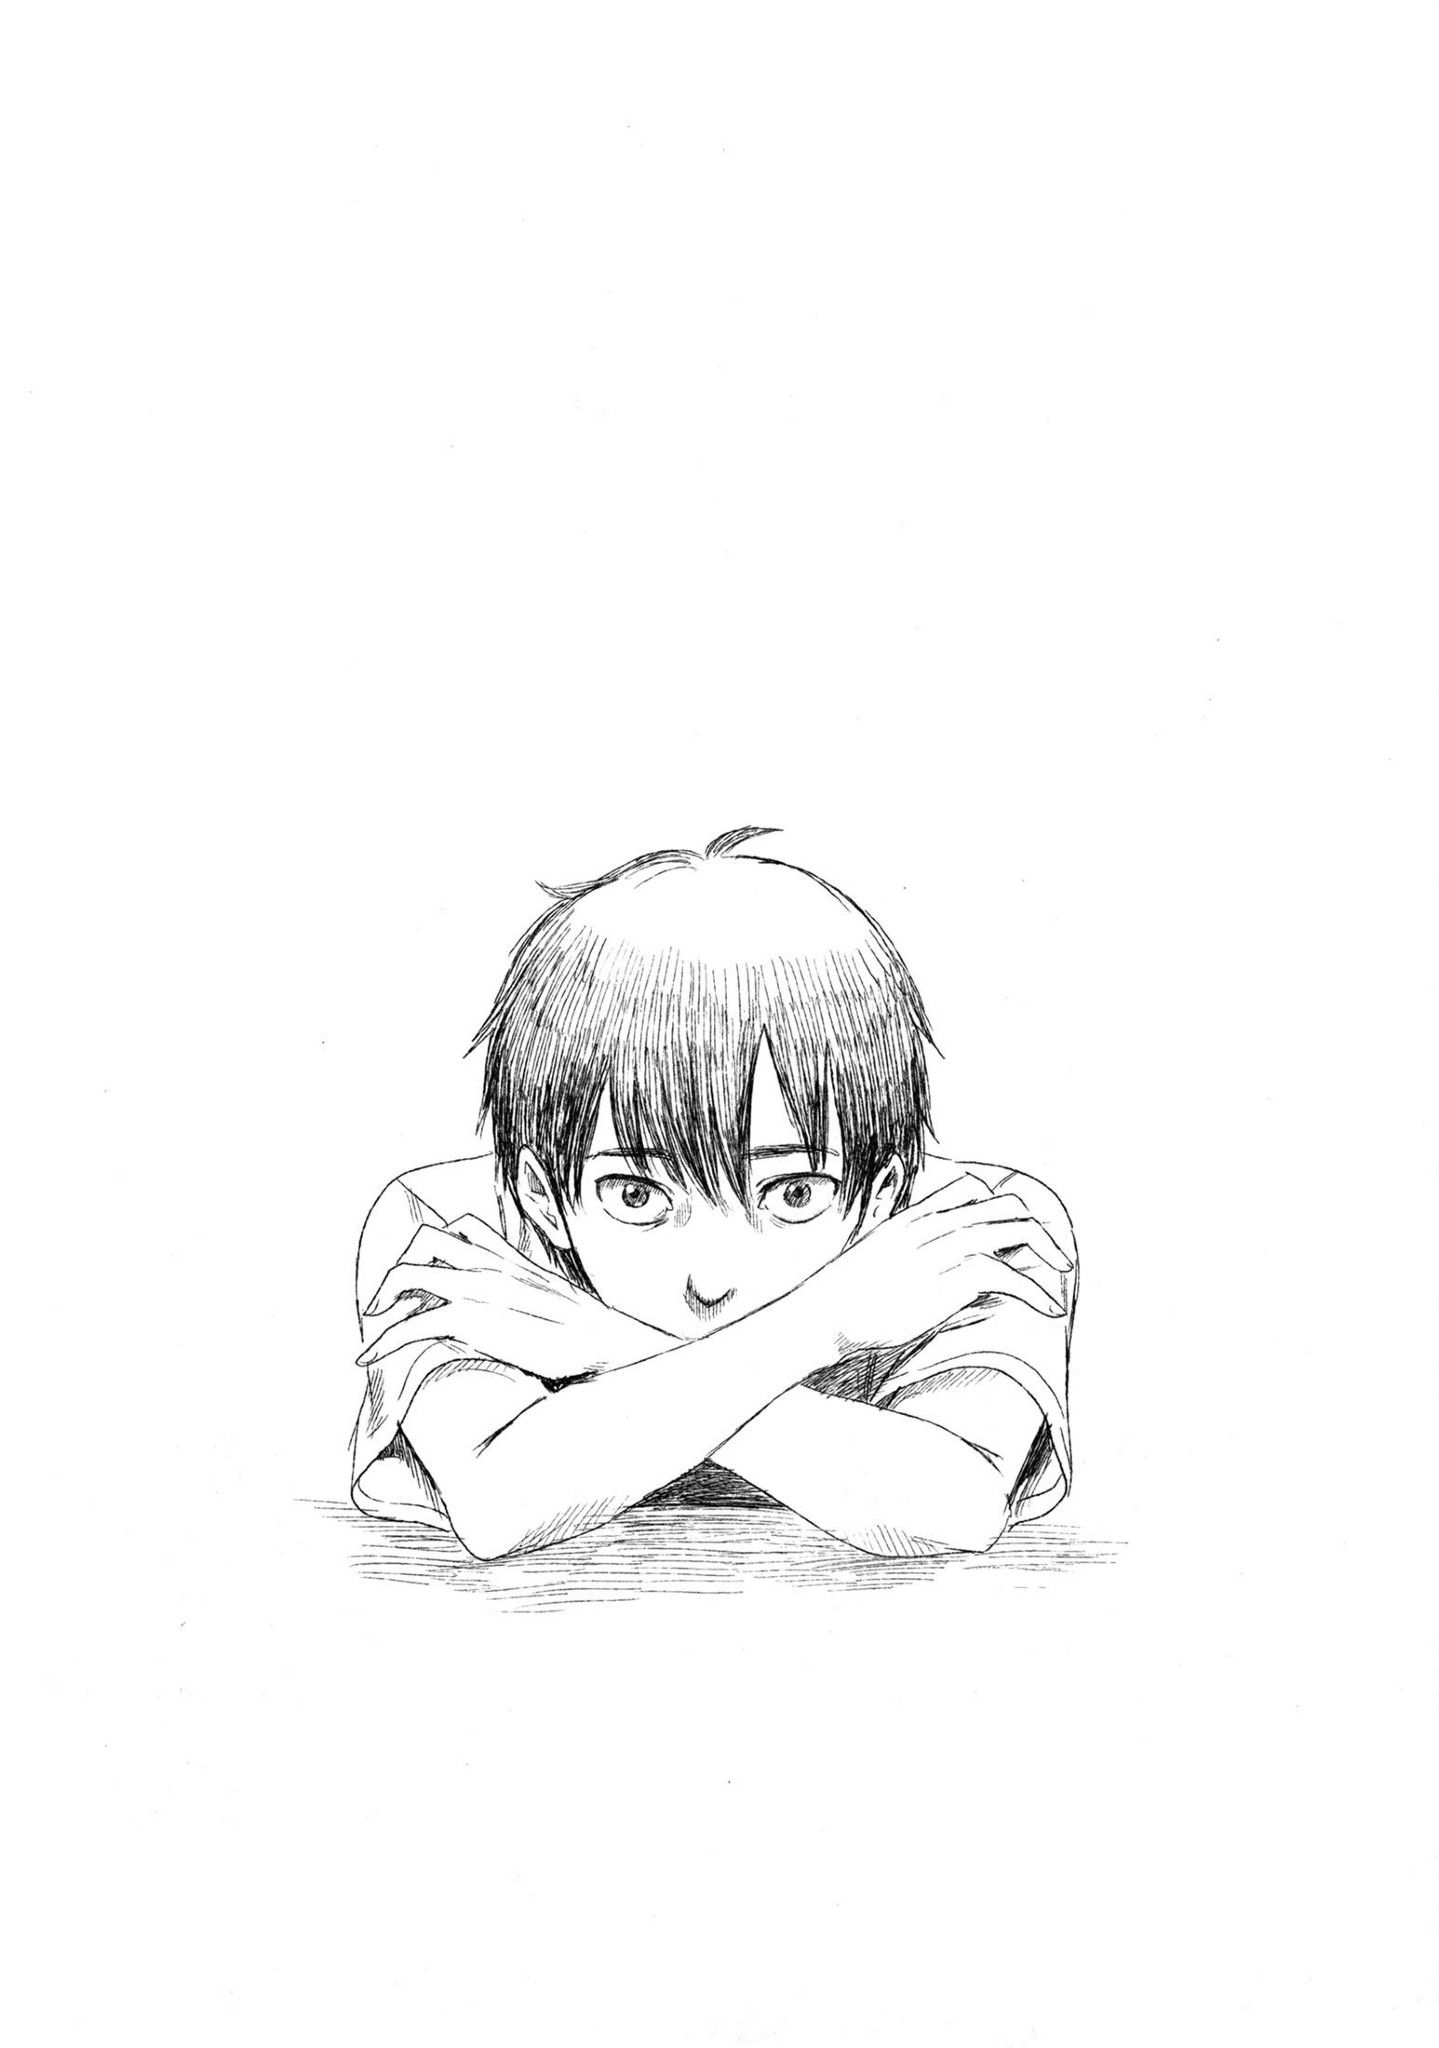 Aku no hana Hana, The flowers of evil, Anime